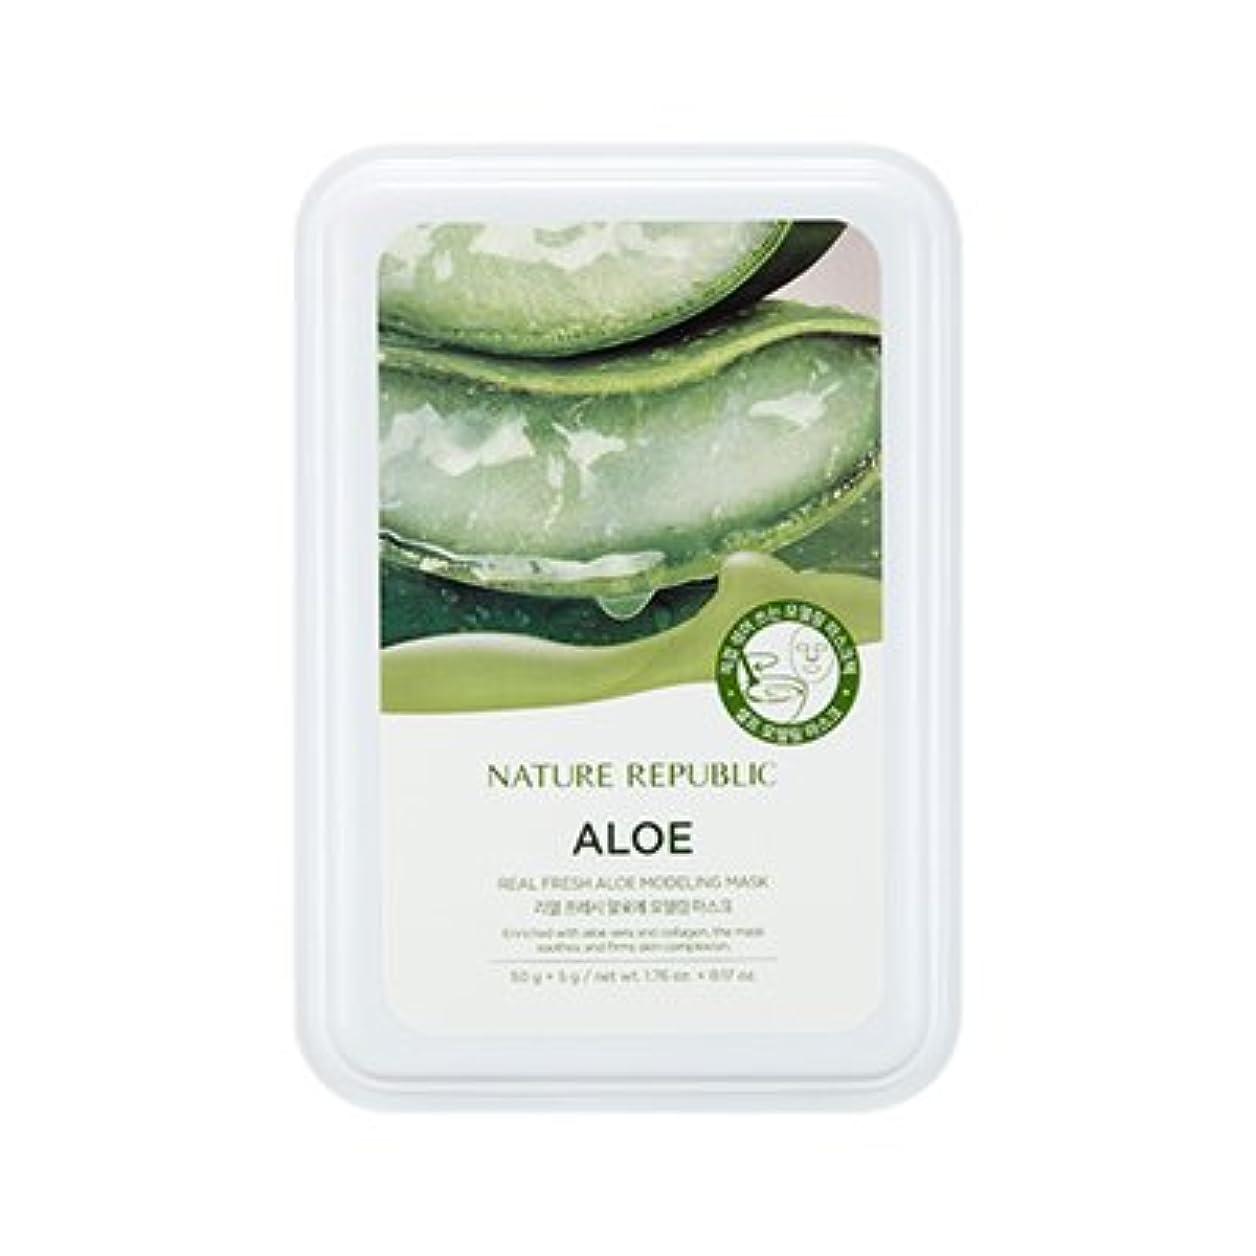 ストレージコンサルタントブリリアントNATURE REPUBLIC Real Fresh Aloe Modeling Mask / ネイチャーリパブリック リアルフレッシュアロエモデリングマスク [並行輸入品]